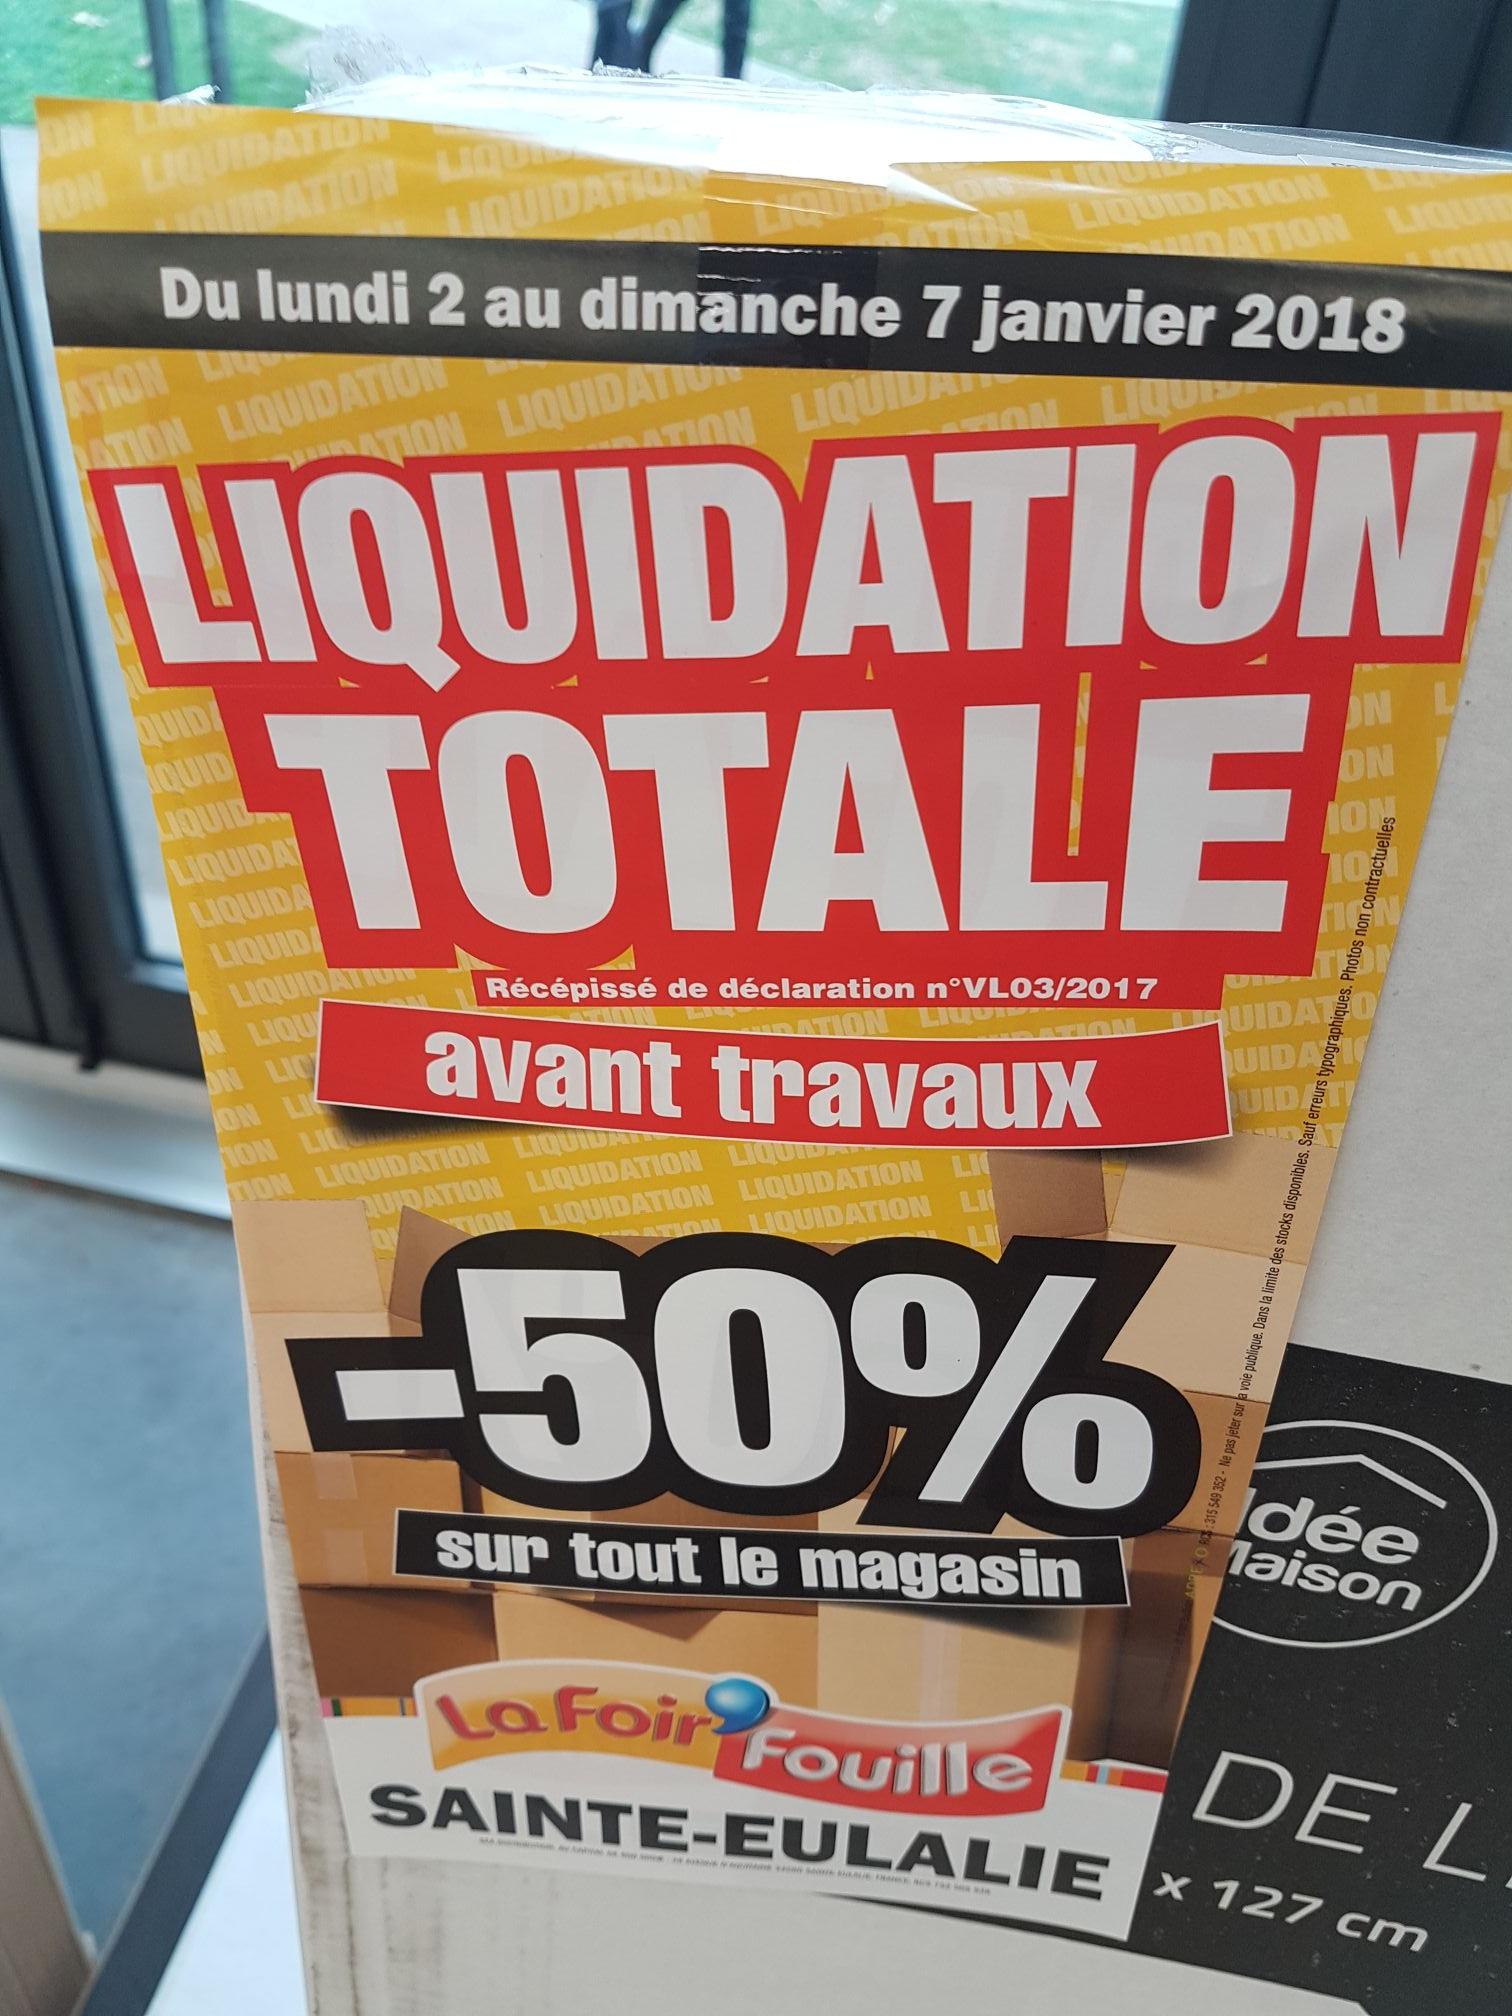 50% de réduction sur tout le magasin La Foir'Fouille Sainte-Eulalie (33)